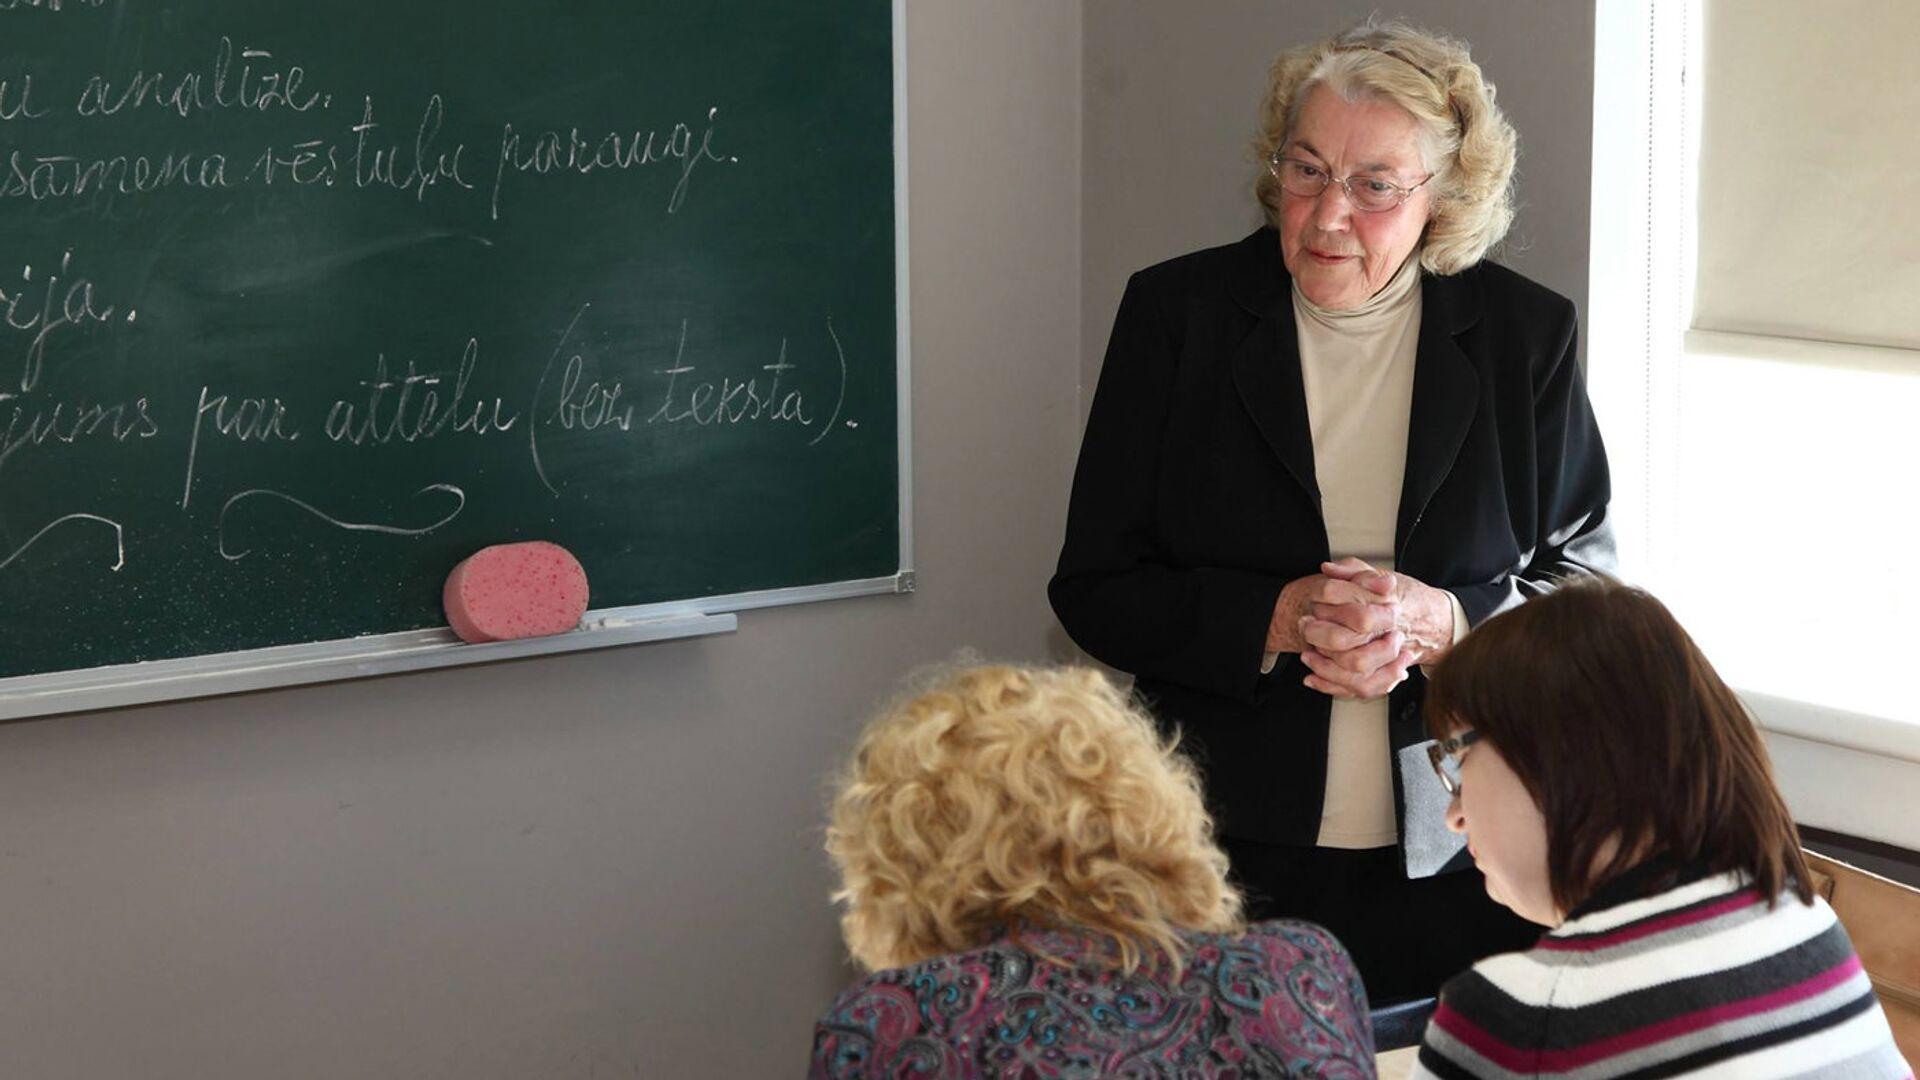 Лига Паберзе - учительница с 62-летним стажем - Sputnik Латвия, 1920, 17.09.2021